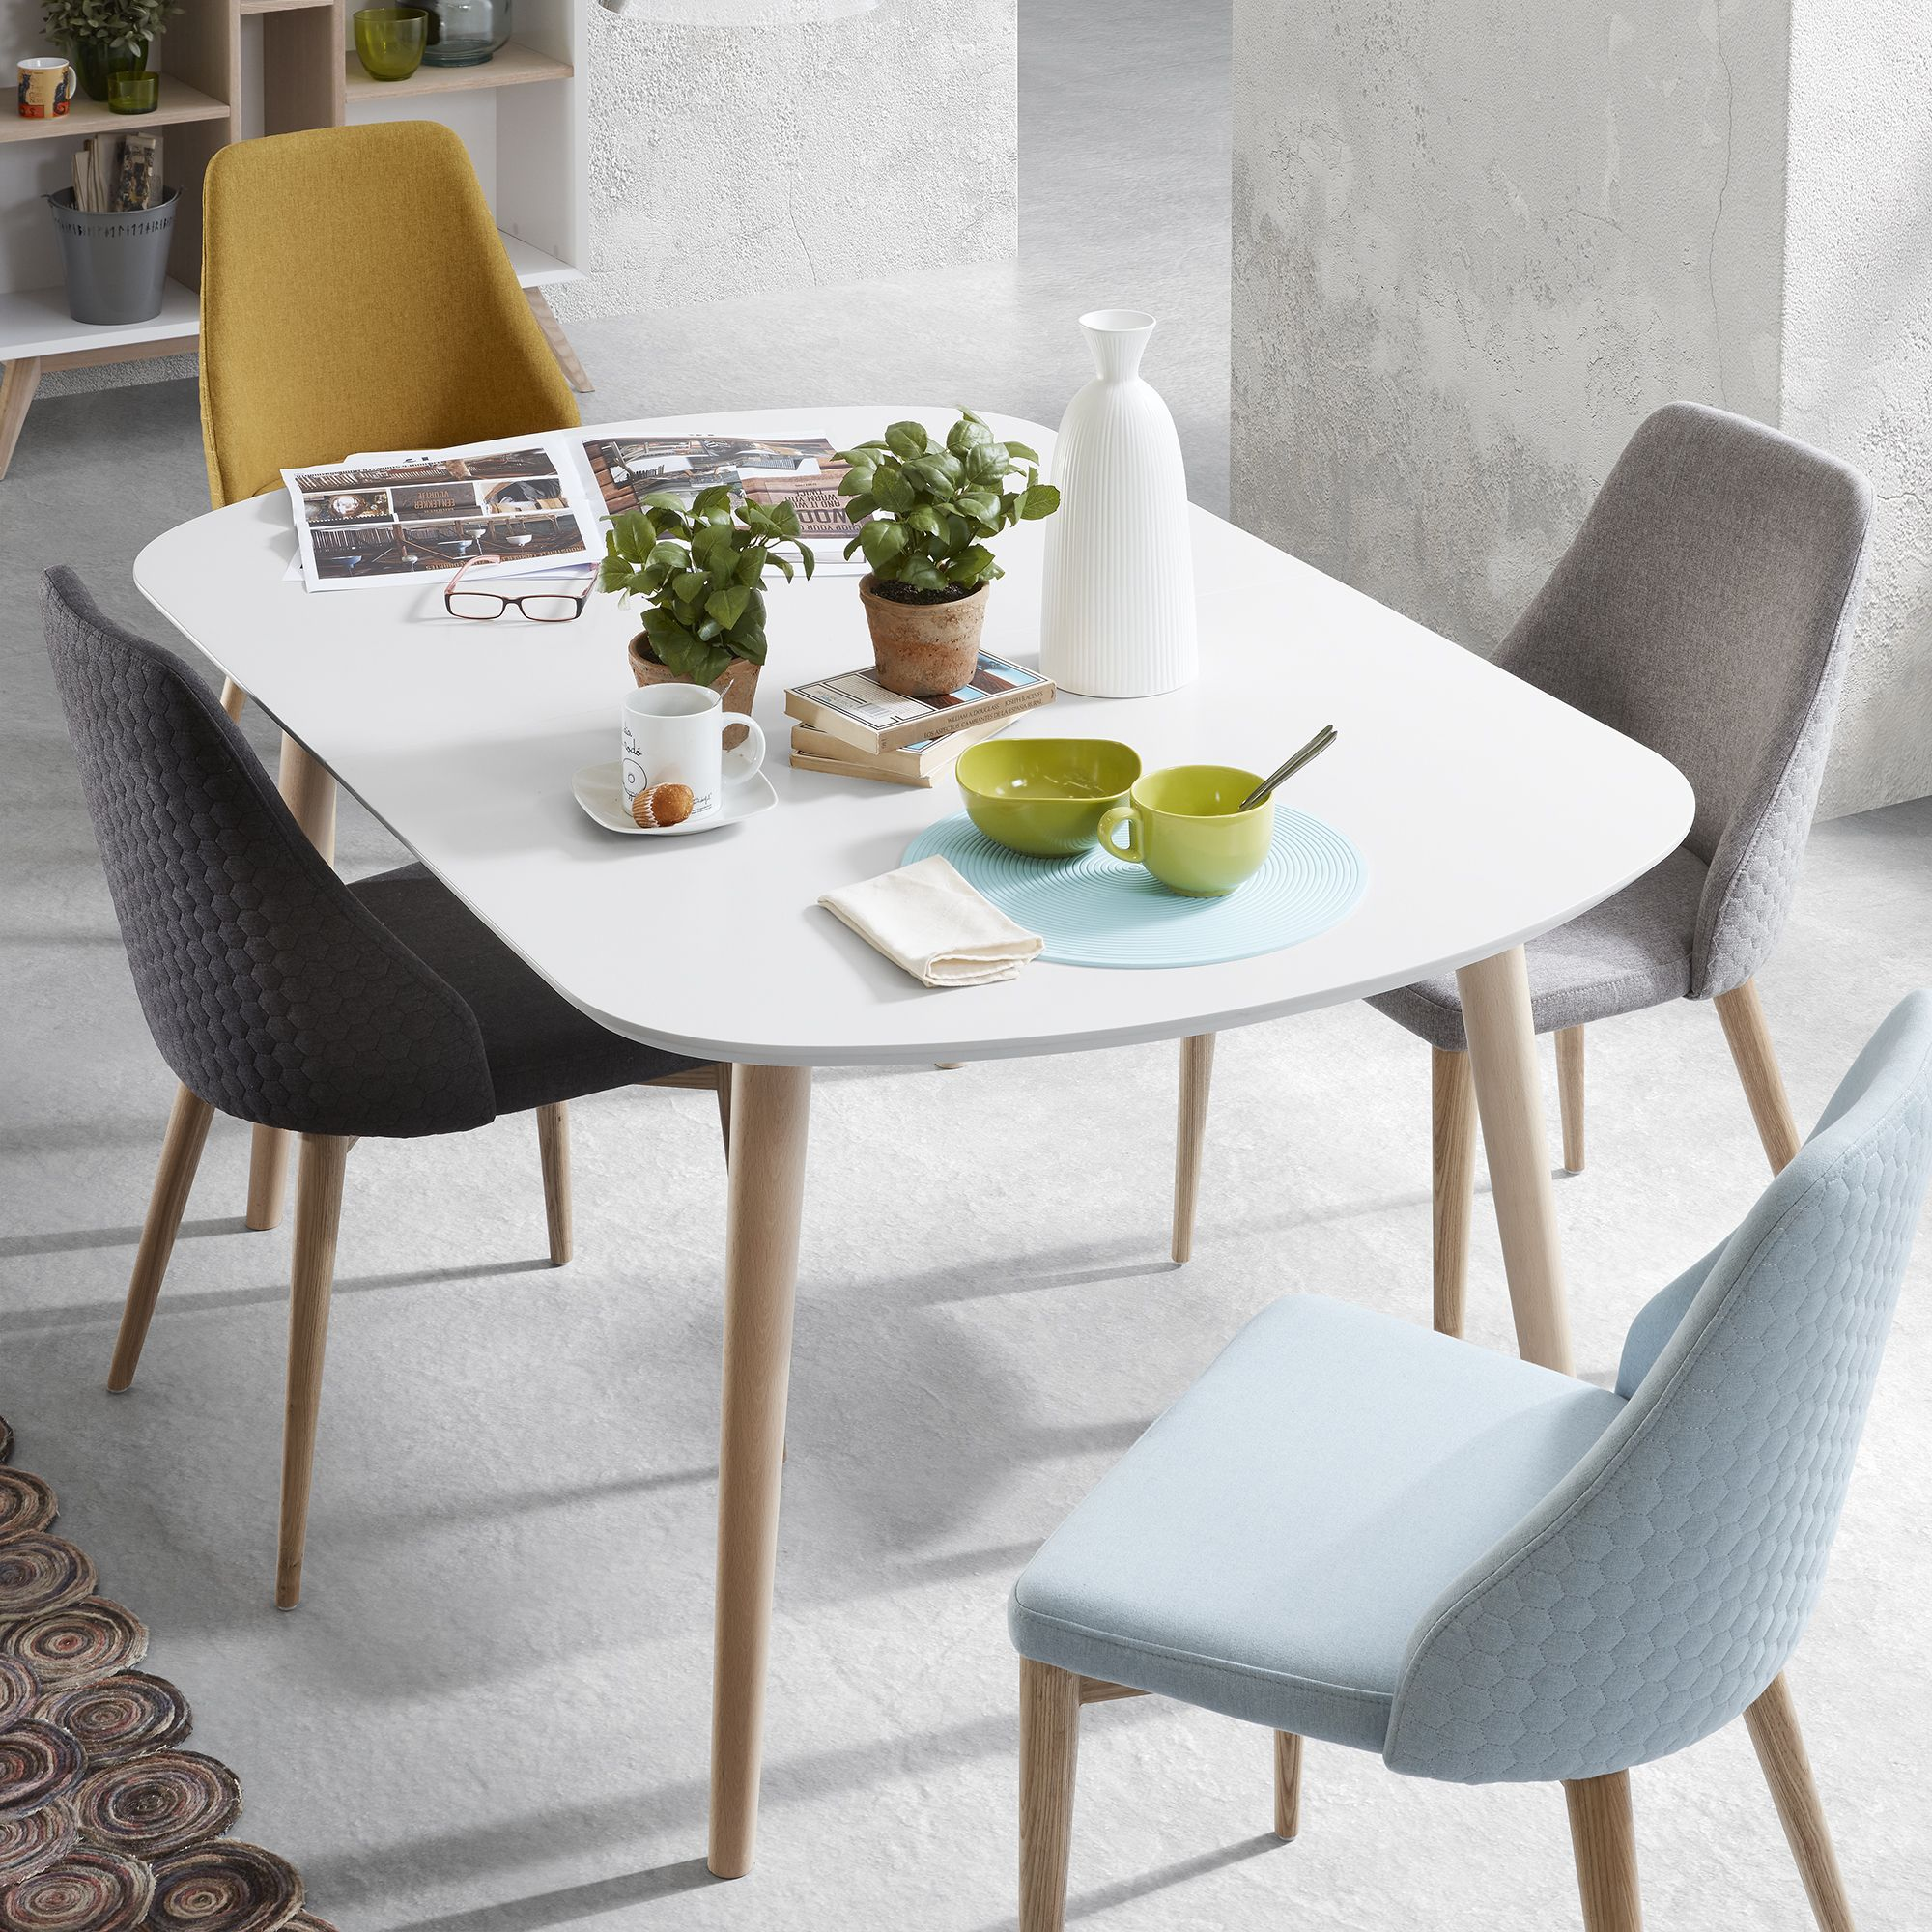 Verrijk je eetkamer met deze prachtige lichtgrijze for Merk stoelen